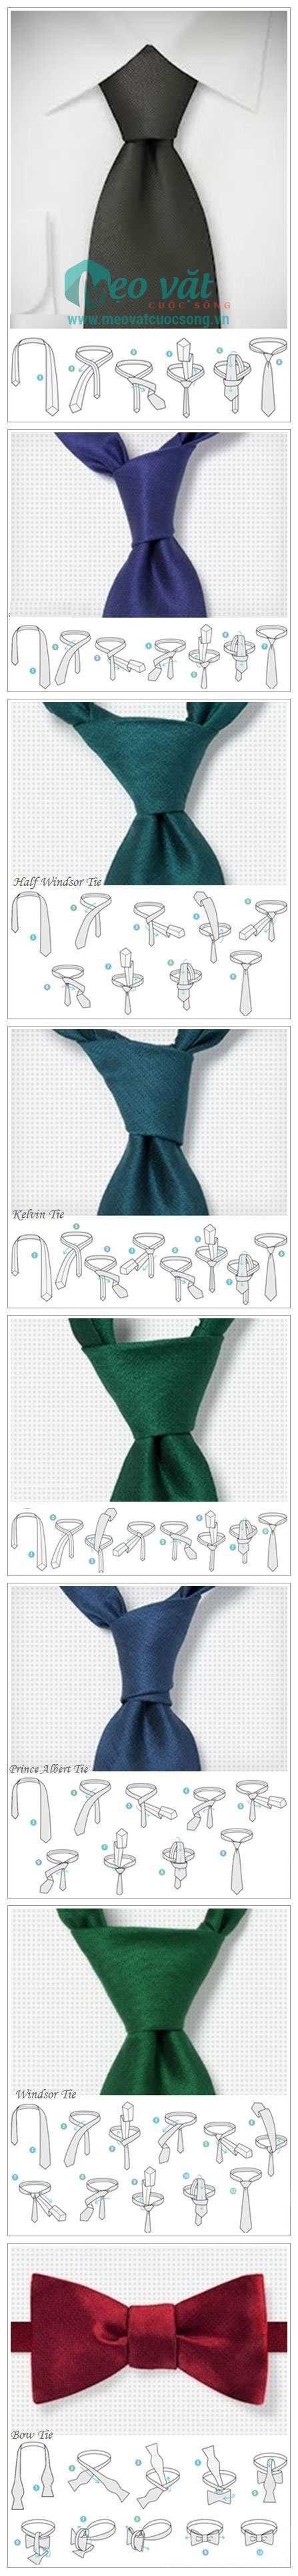 Cách thắt cà vạt (caravat) đơn giản